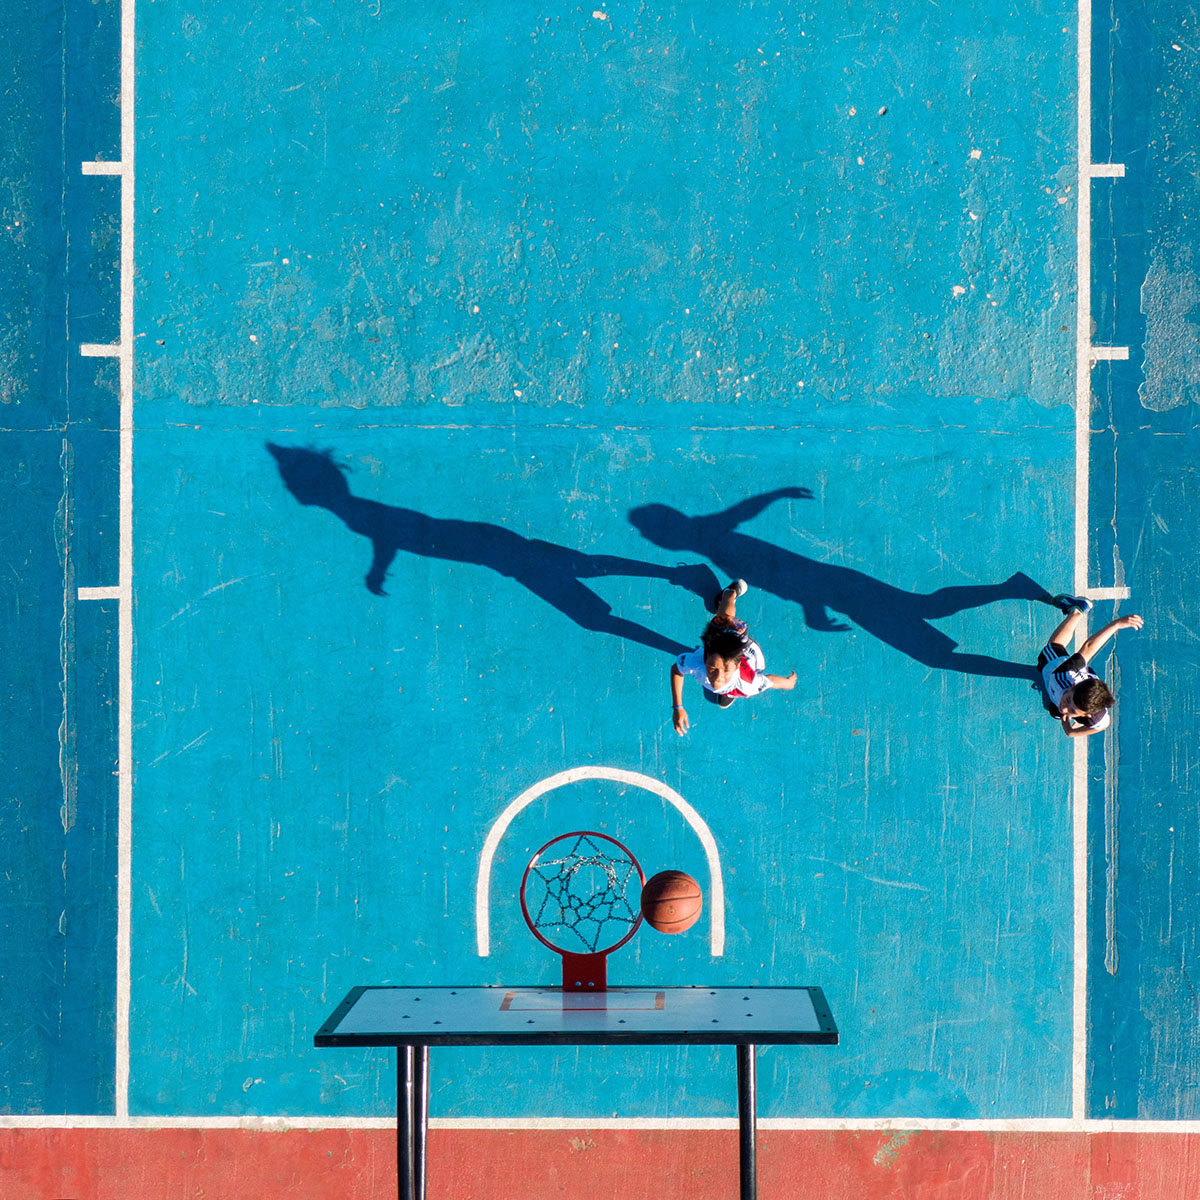 Partido de Básquet - ©Néstor Barbitta.